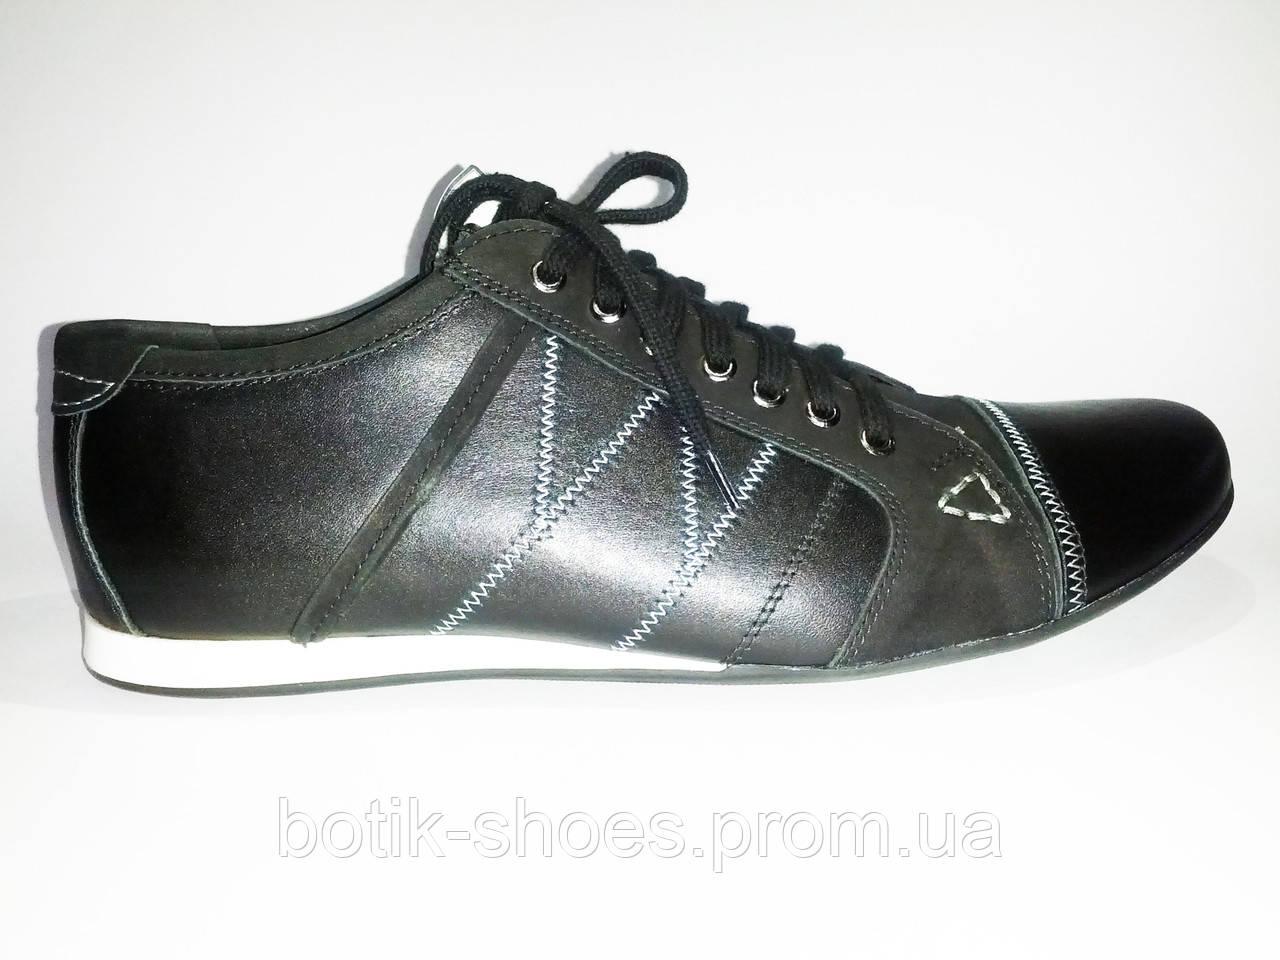 b7774554d Кожаные польские мужские удобные стильные модные черные спортивные туфли  44р Basso - интернет-магазин обуви